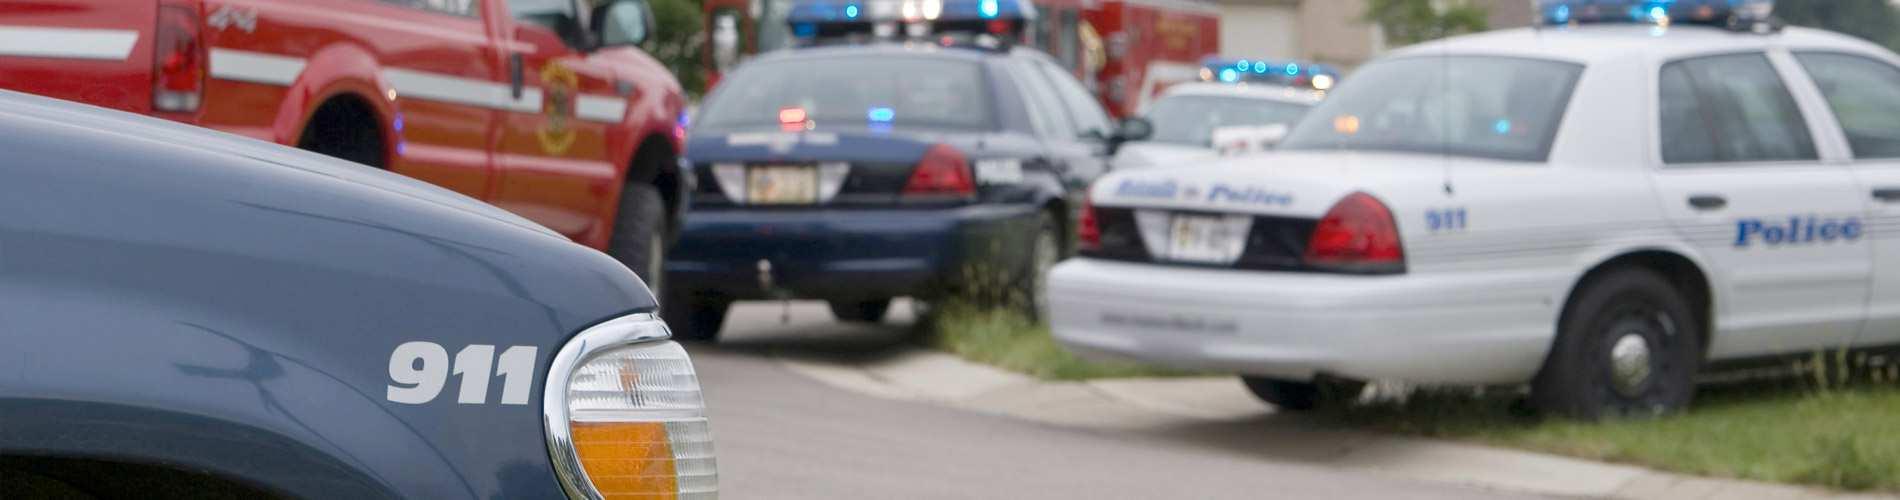 Security & Law Enforcement